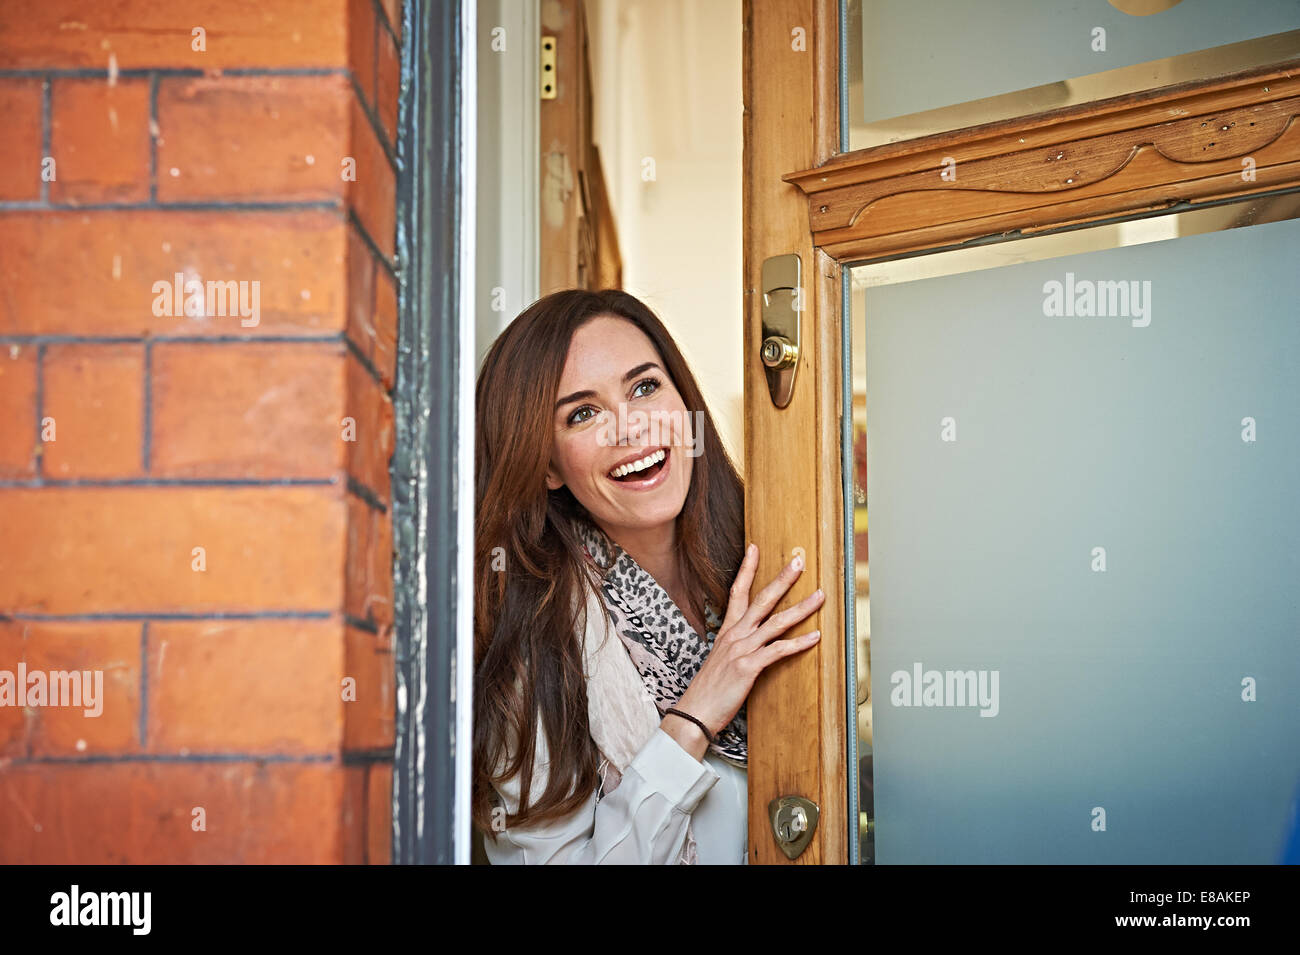 Frau vor Türöffnung Stockbild